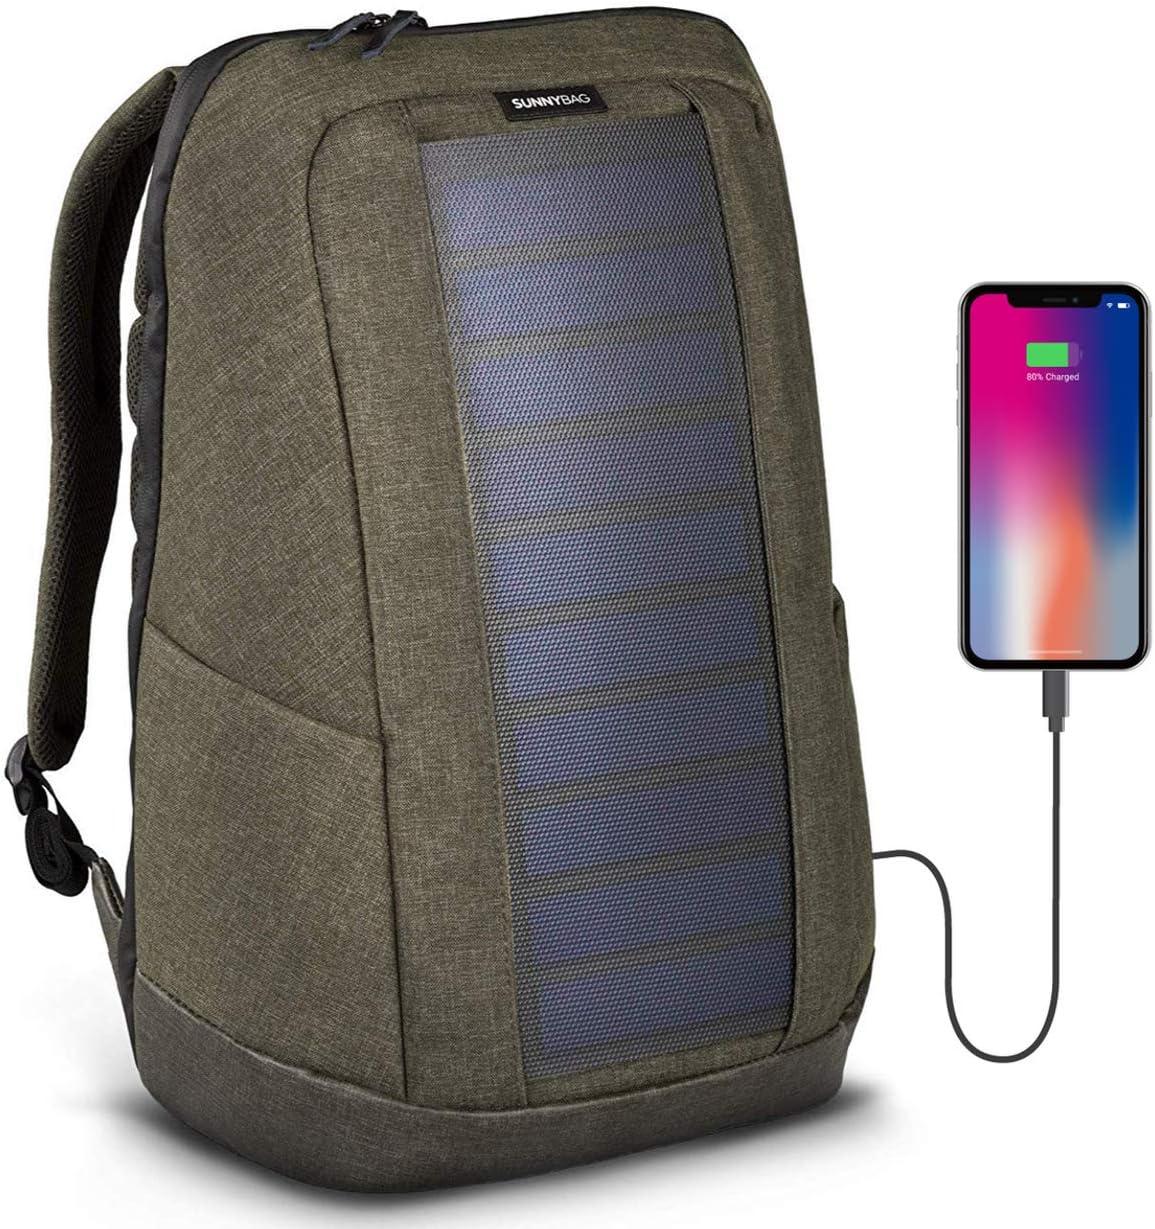 SunnyBAG Iconic Mochilla Solar para Laptop, Panel Solar de 7 vatios, Cargador de Smartphones (Samsung, iPhone, etc.), Tablet, smartwatch + USB y Dual-USB-Port (Olive Brown): Amazon.es: Electrónica